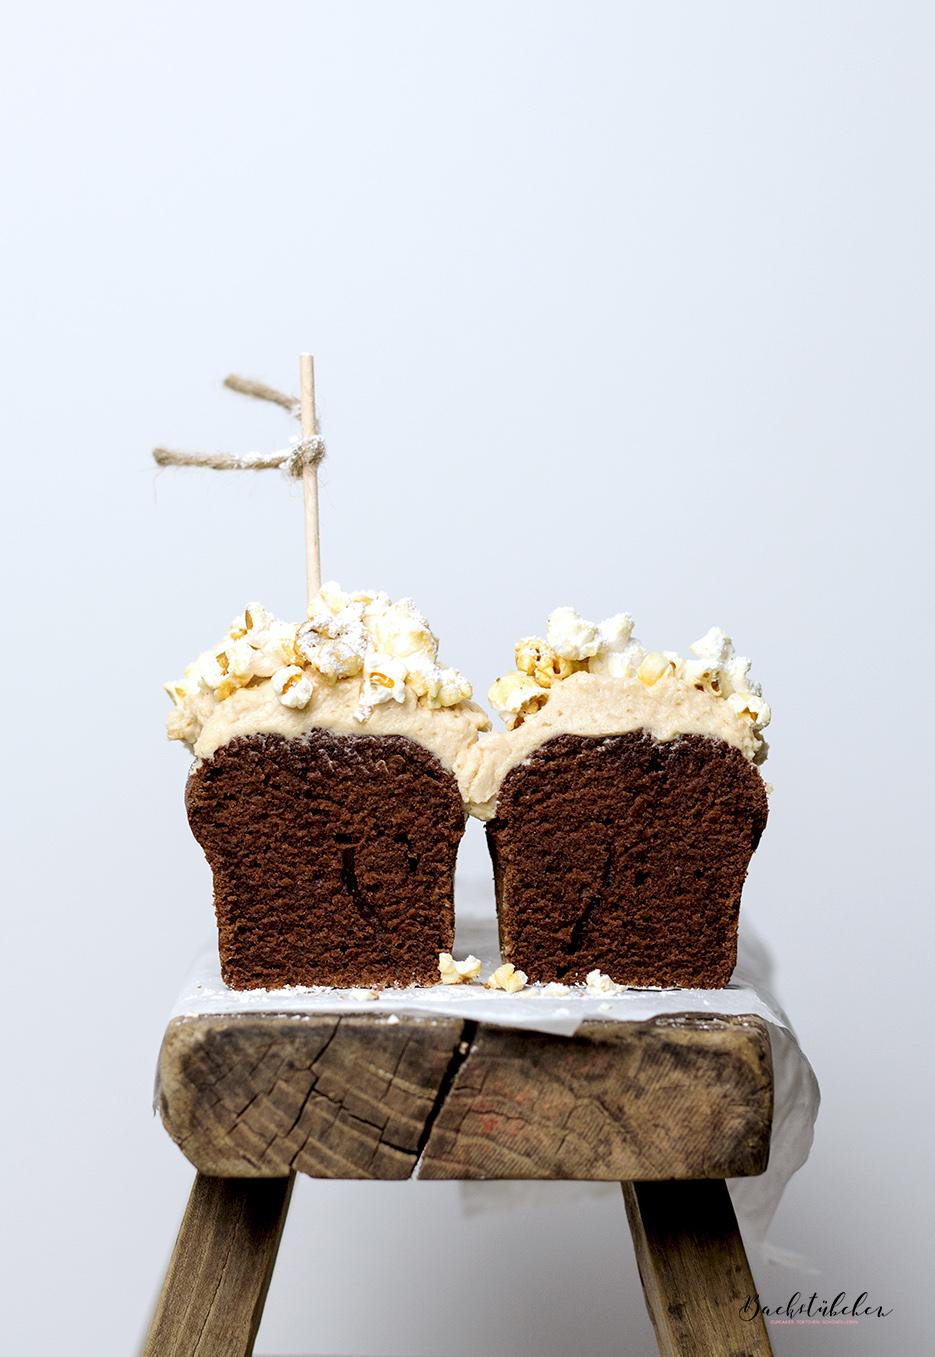 schokokuchen-mit-erdnuss-popcorn-topping5.jpg